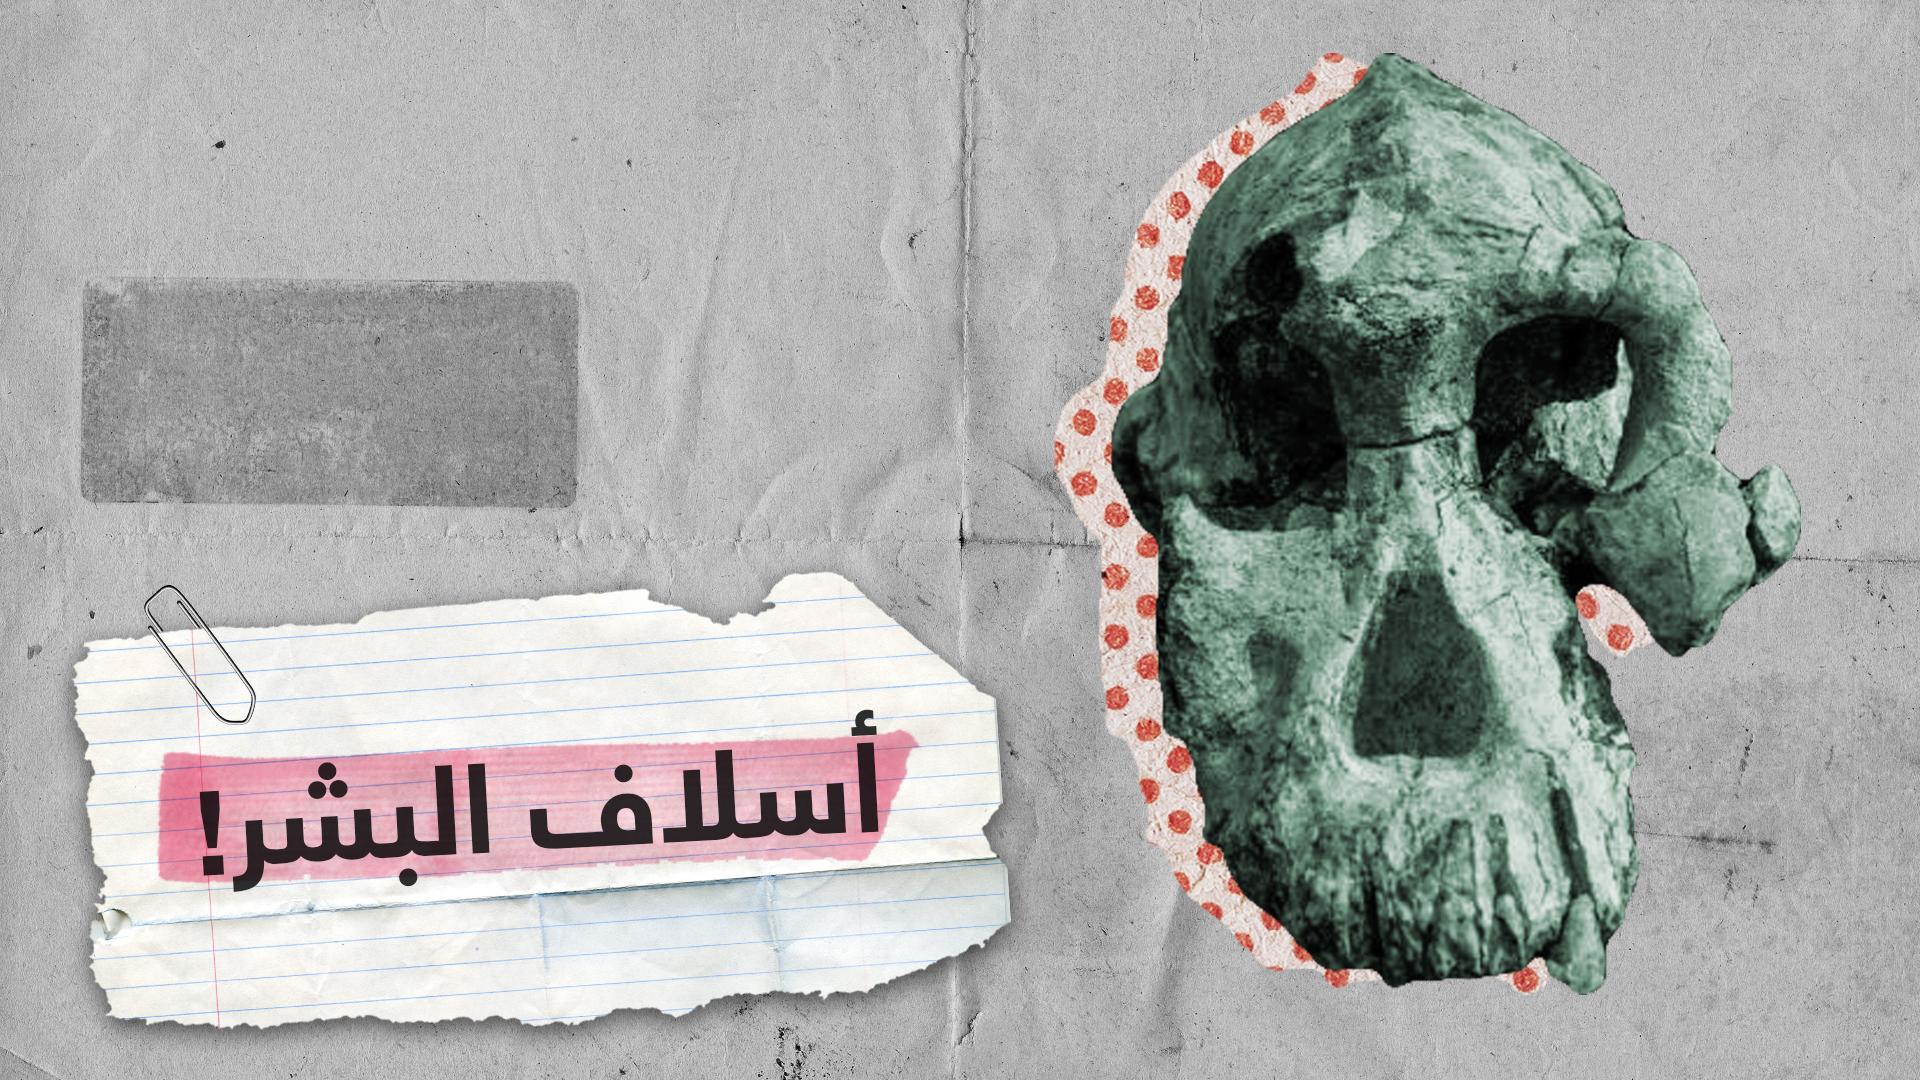 جمجمة عمرها يقارب 4 ملايين سنة قد تعود لسلف الجنس البشري!